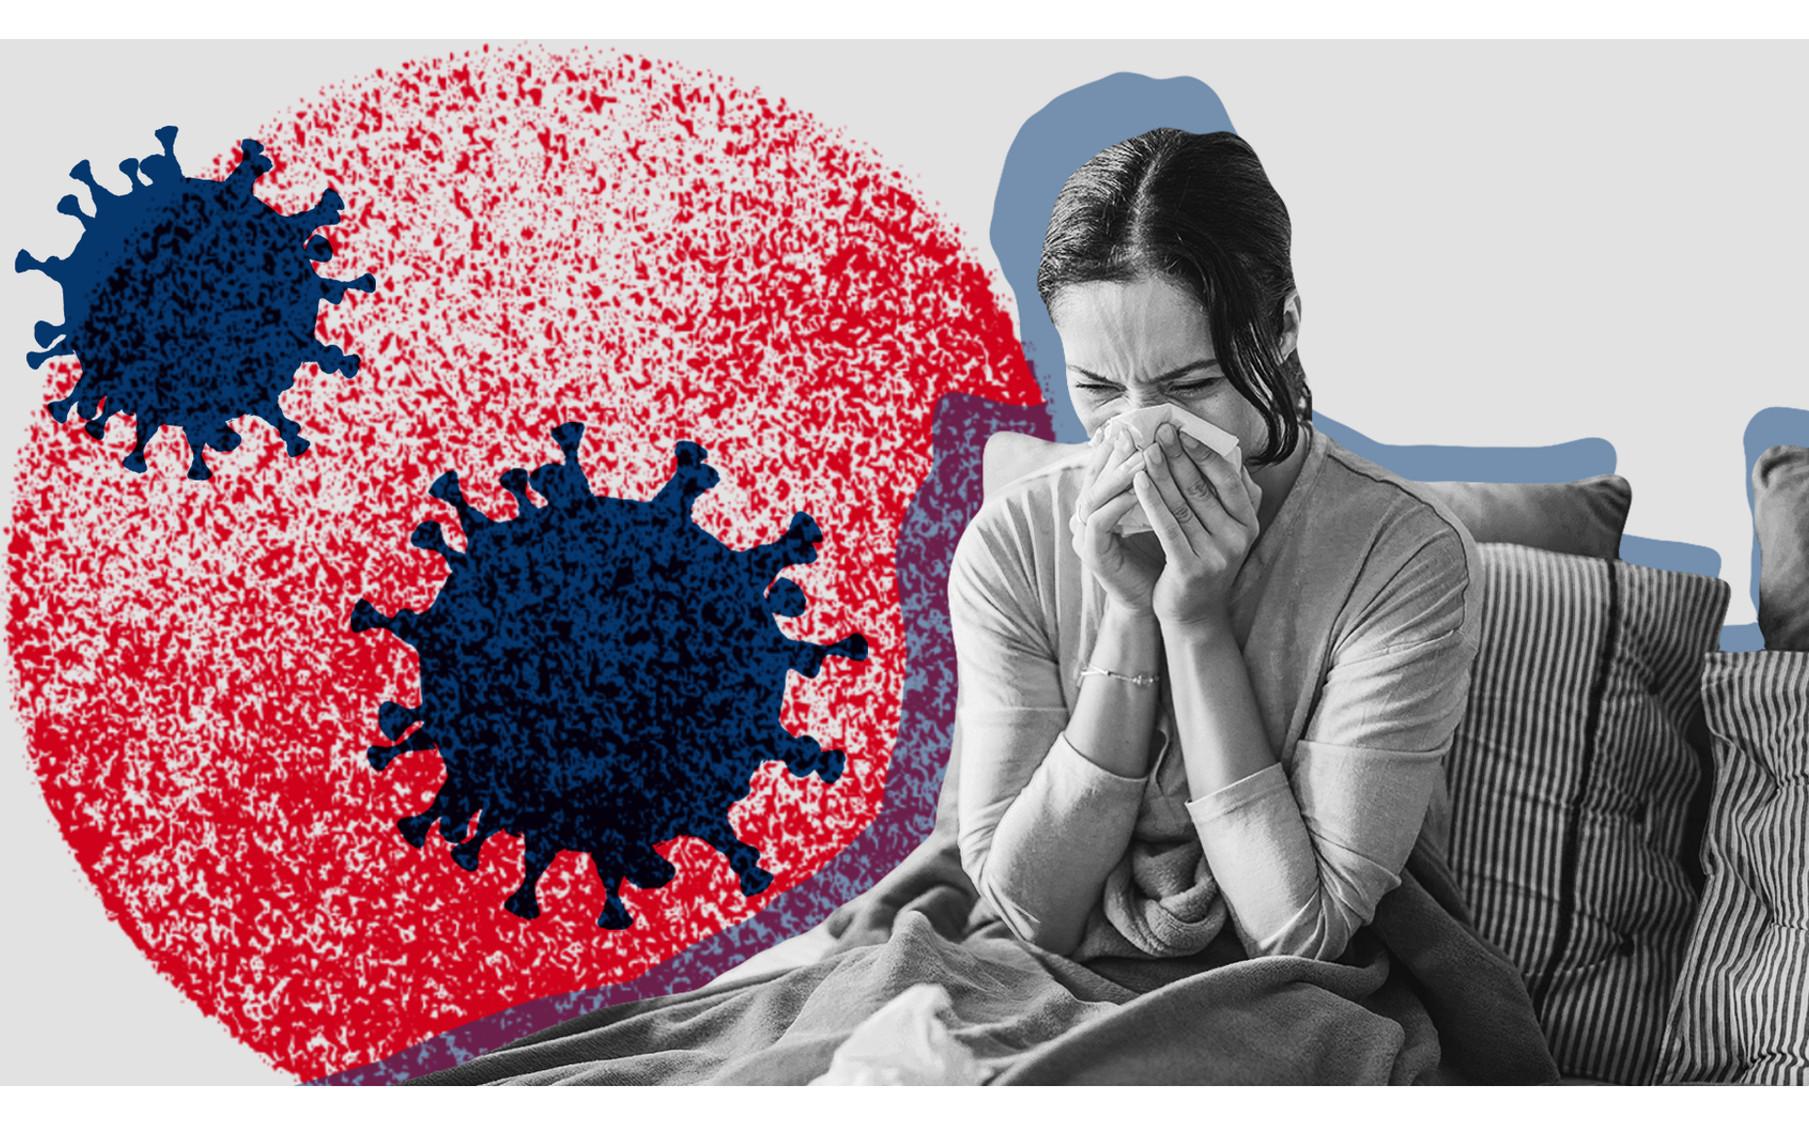 Các triệu chứng COVID-19 phổ biết nhất thời điểm này